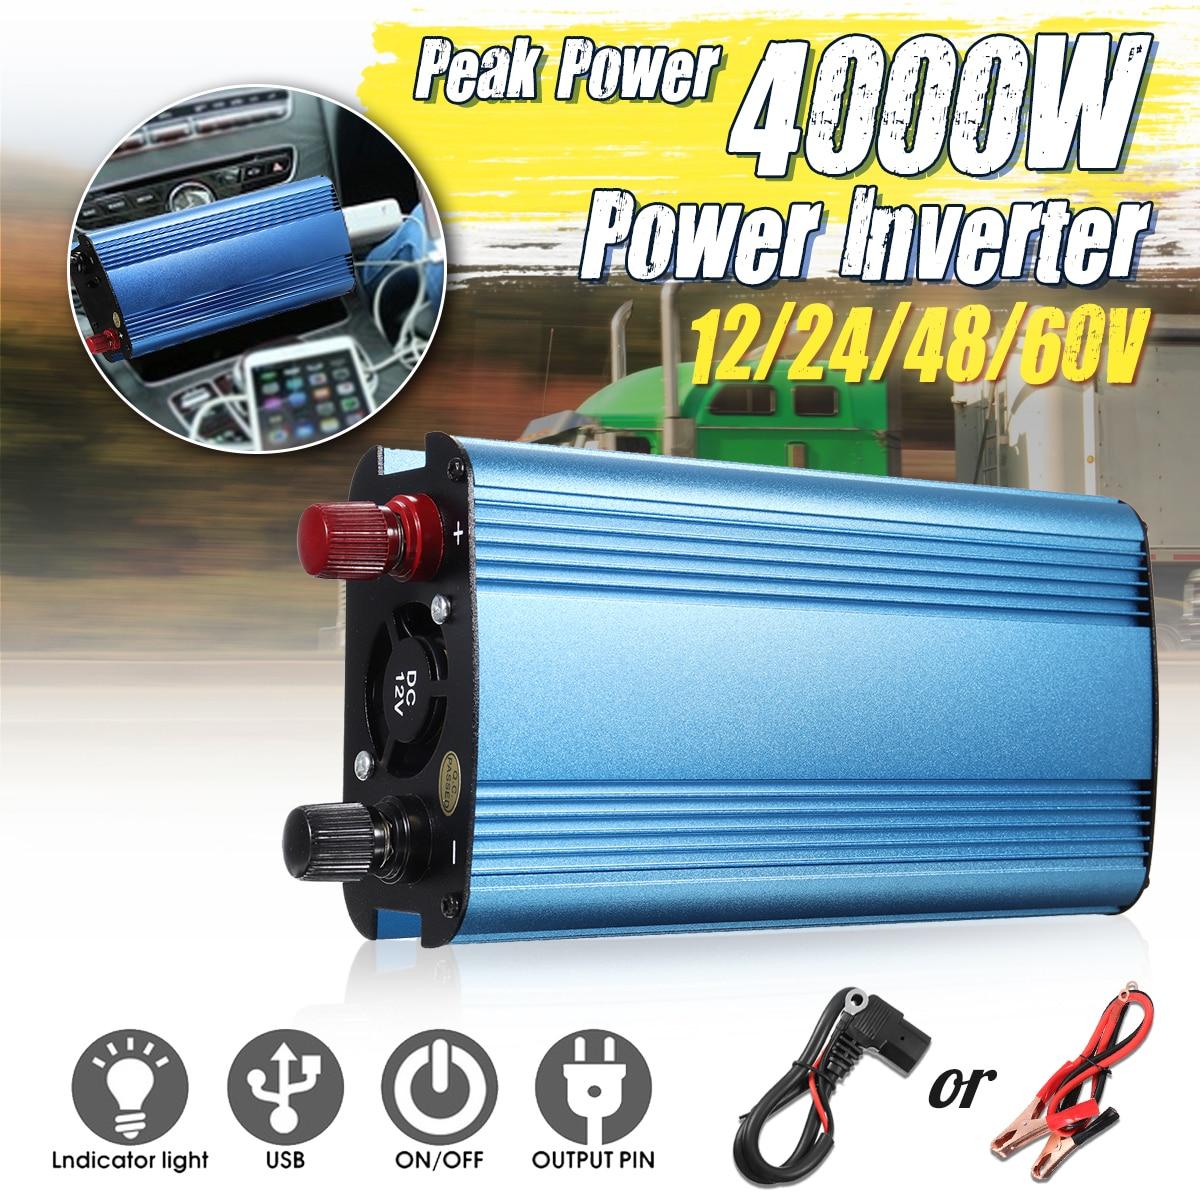 Autoleader 4000W Peak Power Car Power Inverter Charger Sine Wave DC 12V/24V/48V/60V To AC 220V Inverter Voltage Converter